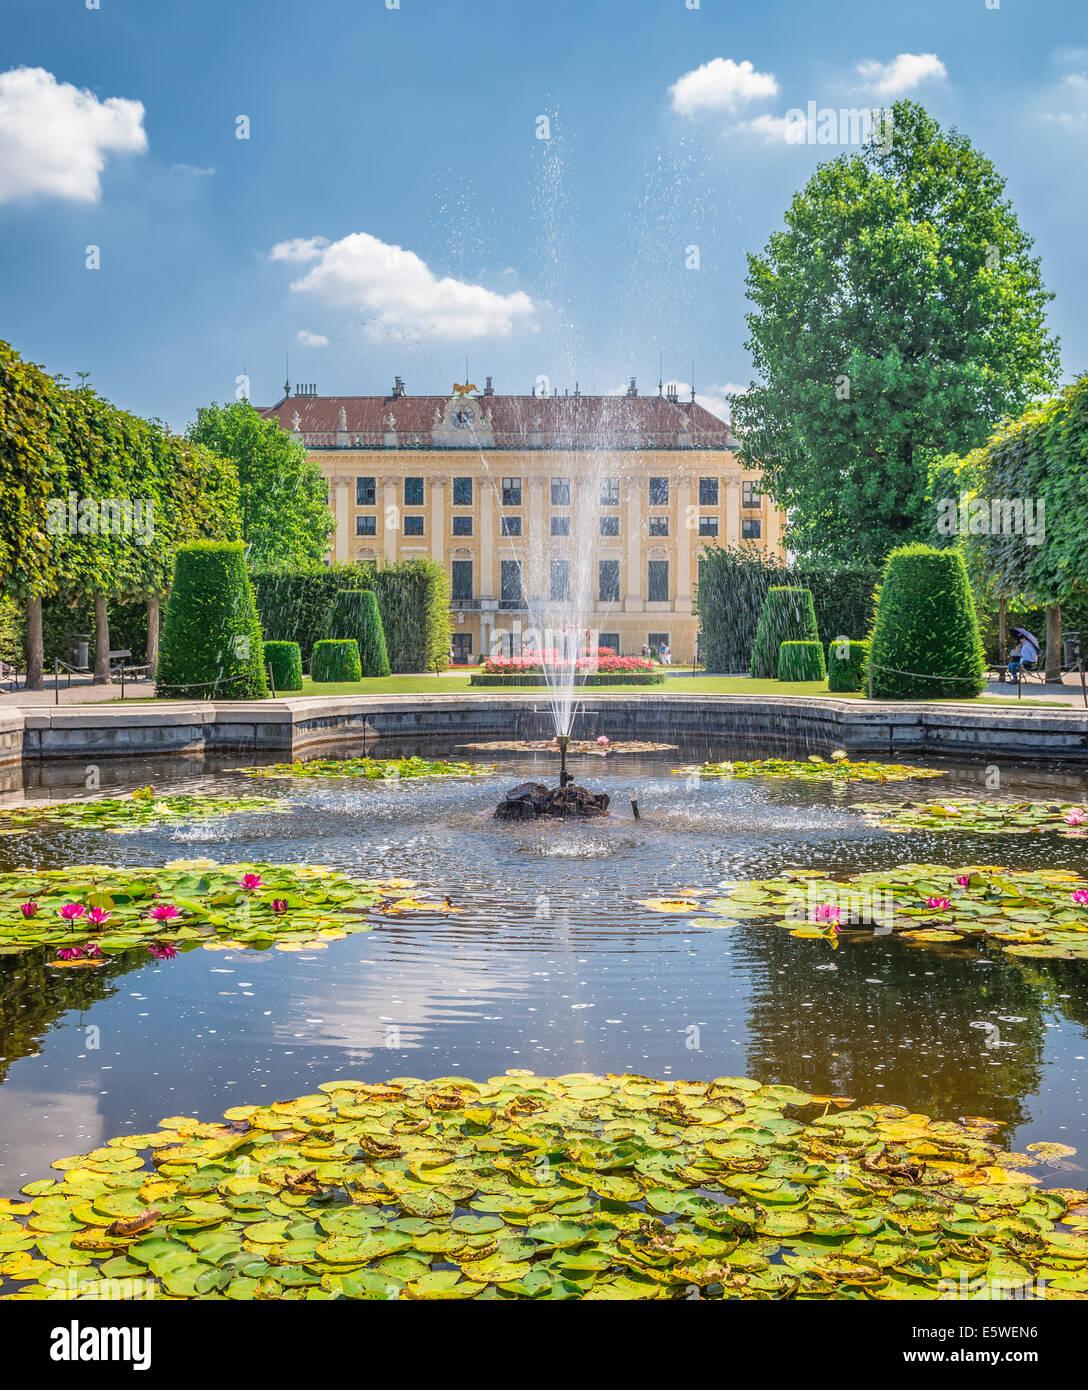 Fontaine dans le parc derrière le château de Schönbrunn à Vienne Photo Stock